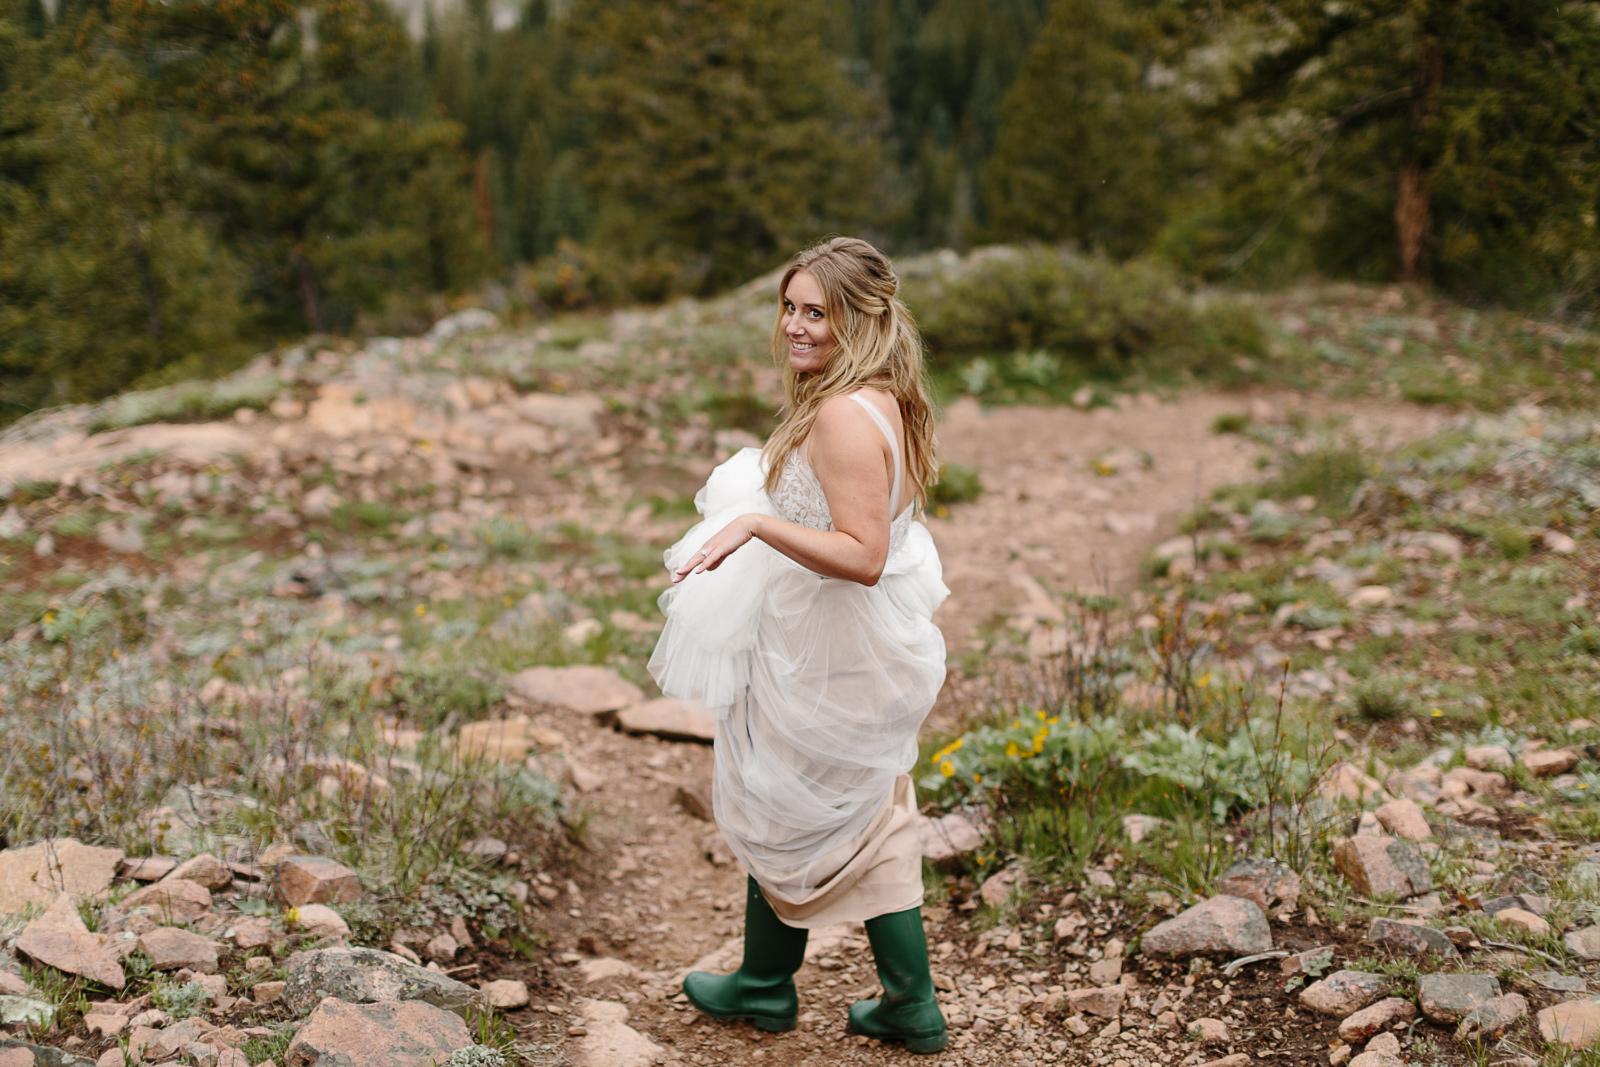 064-vail-elopement-photographer-chris-and-tara.jpg